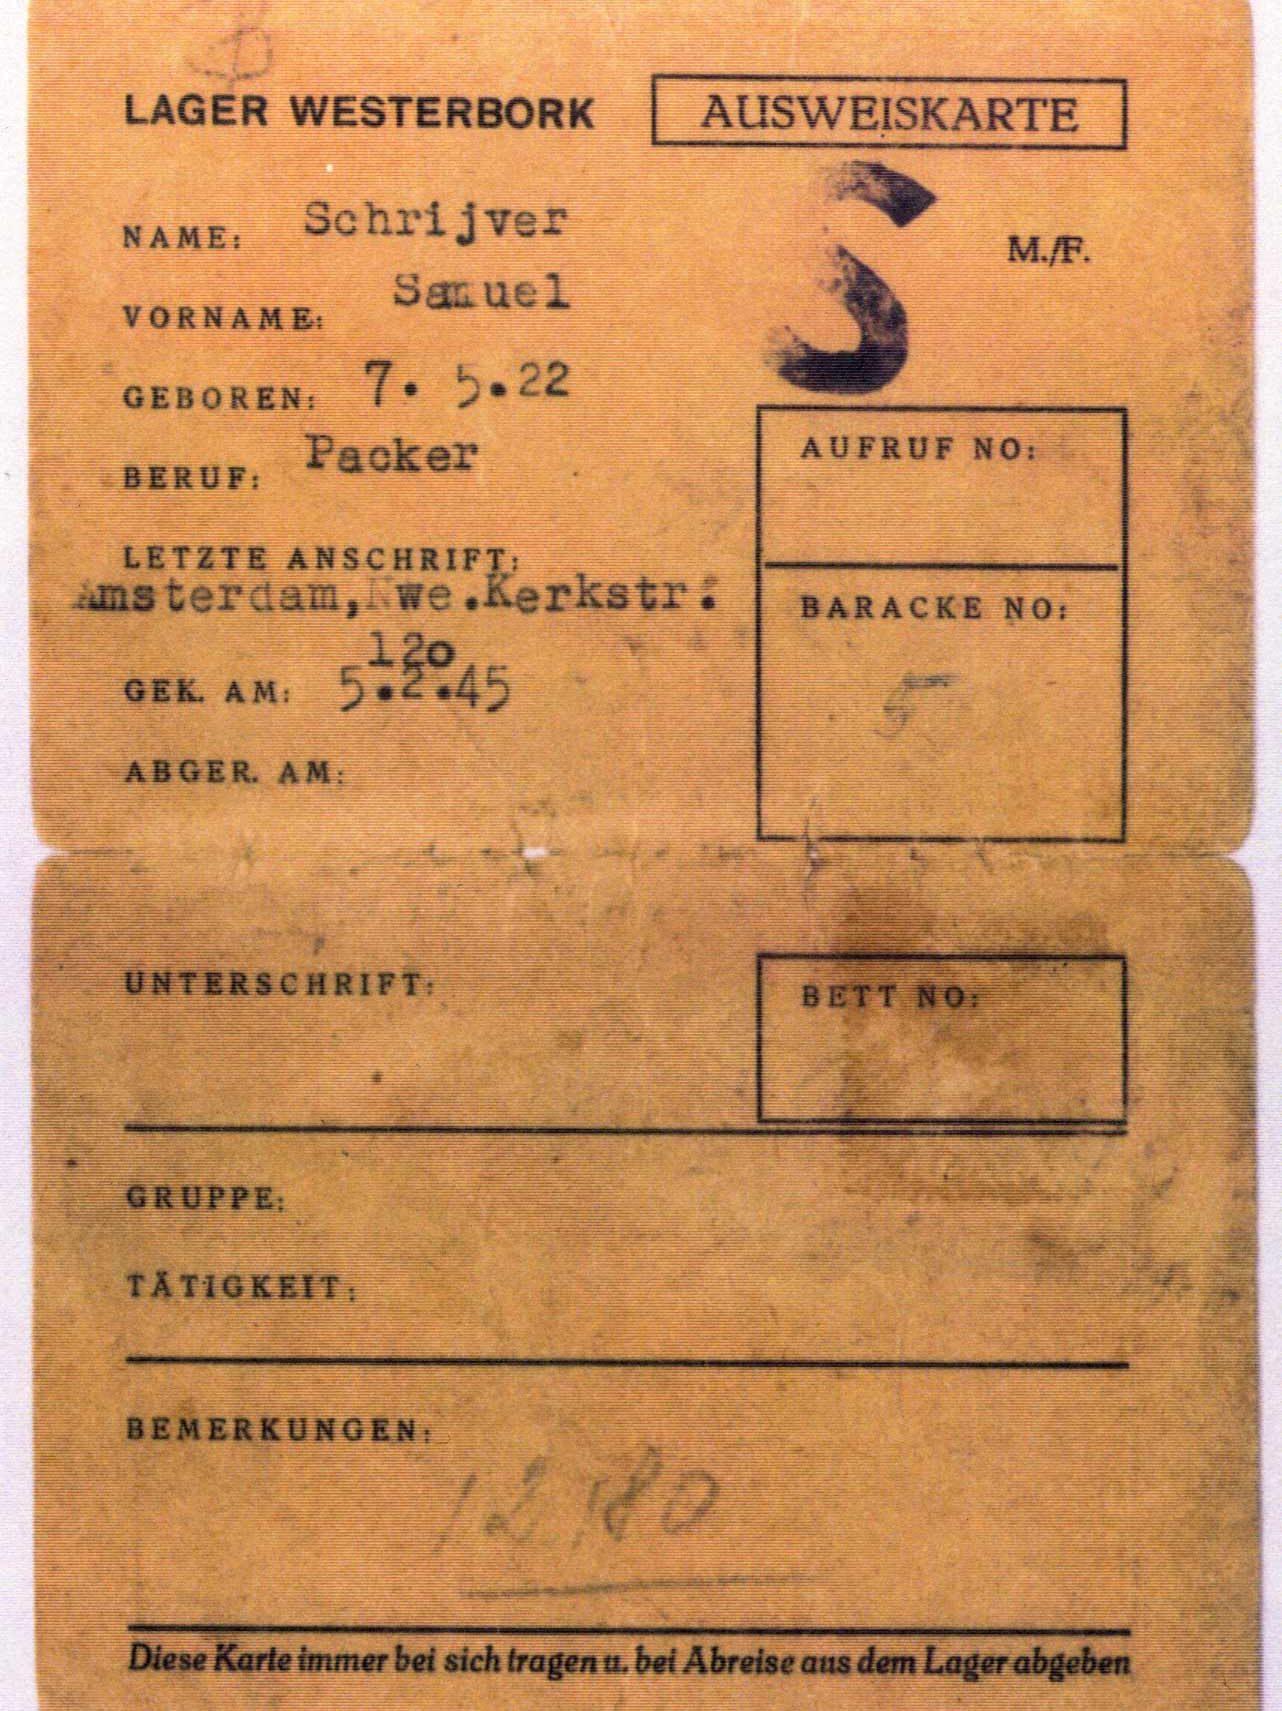 Carte d'identité de Samuel Schriver dans le camp de Westerbork. Le « S » signifie qu'il est emprisonné pour avoir commis un crime (prisonnier de droit commun, pénal). Schryver reçoit cette lettre, car il a été pris à résister aux autorités.